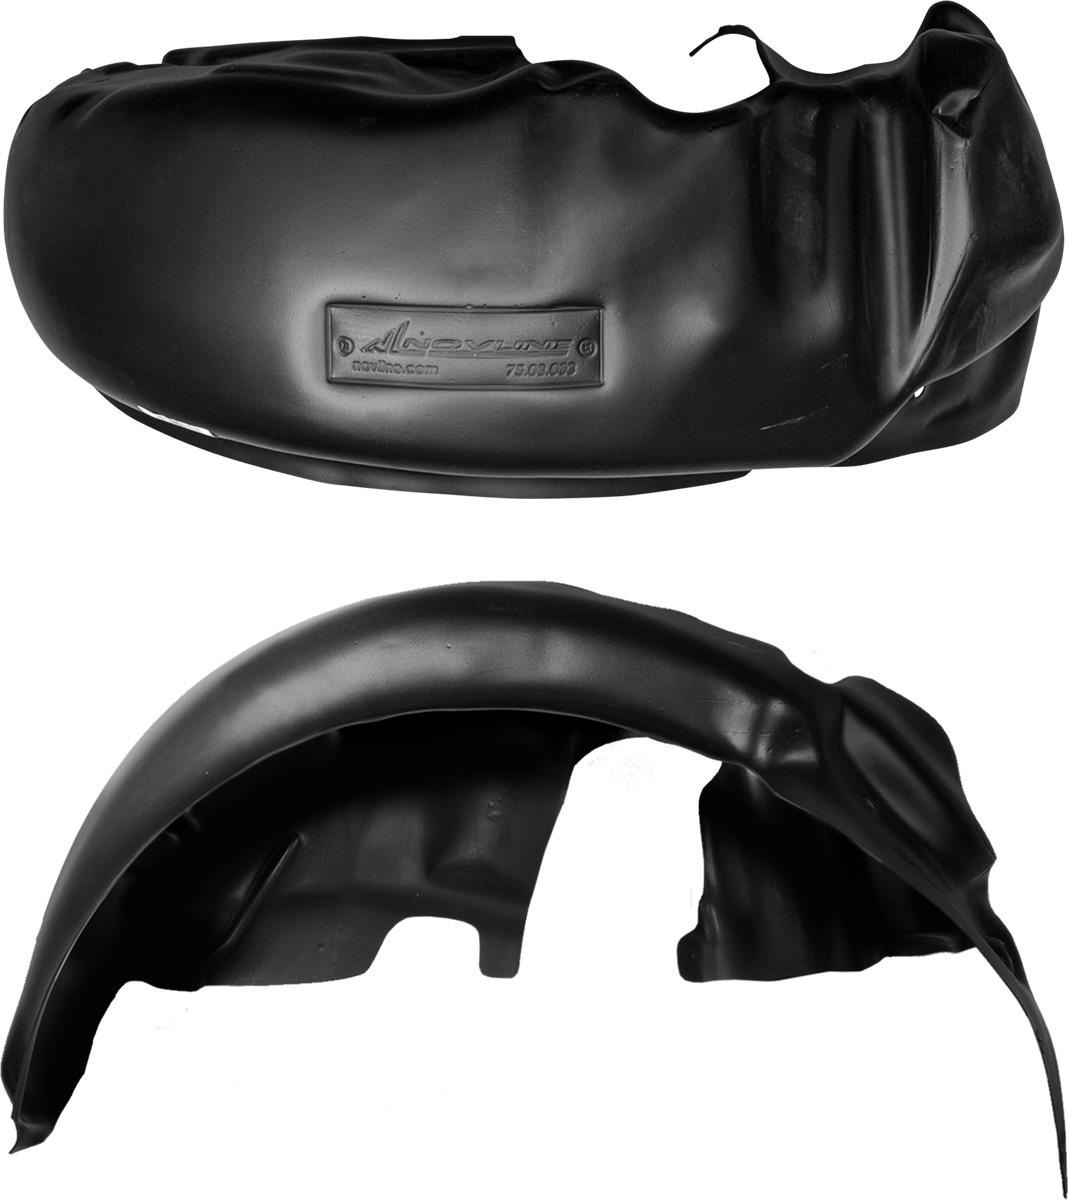 Подкрылок Novline-Autofamily, для Mitsubishi Pajero Sport, 2008->, задний правыйNLL.35.20.004Колесные ниши - одни из самых уязвимых зон днища вашего автомобиля. Они постоянно подвергаются воздействию со стороны дороги. Лучшая, почти абсолютная защита для них - специально отформованные пластиковые кожухи, которые называются подкрылками. Производятся они как для отечественных моделей автомобилей, так и для иномарок. Подкрылки Novline-Autofamily выполнены из высококачественного, экологически чистого пластика. Обеспечивают надежную защиту кузова автомобиля от пескоструйного эффекта и негативного влияния, агрессивных антигололедных реагентов. Пластик обладает более низкой теплопроводностью, чем металл, поэтому в зимний период эксплуатации использование пластиковых подкрылков позволяет лучше защитить колесные ниши от налипания снега и образования наледи. Оригинальность конструкции подчеркивает элегантность автомобиля, бережно защищает нанесенное на днище кузова антикоррозийное покрытие и позволяет осуществить крепление подкрылков внутри колесной арки практически без...